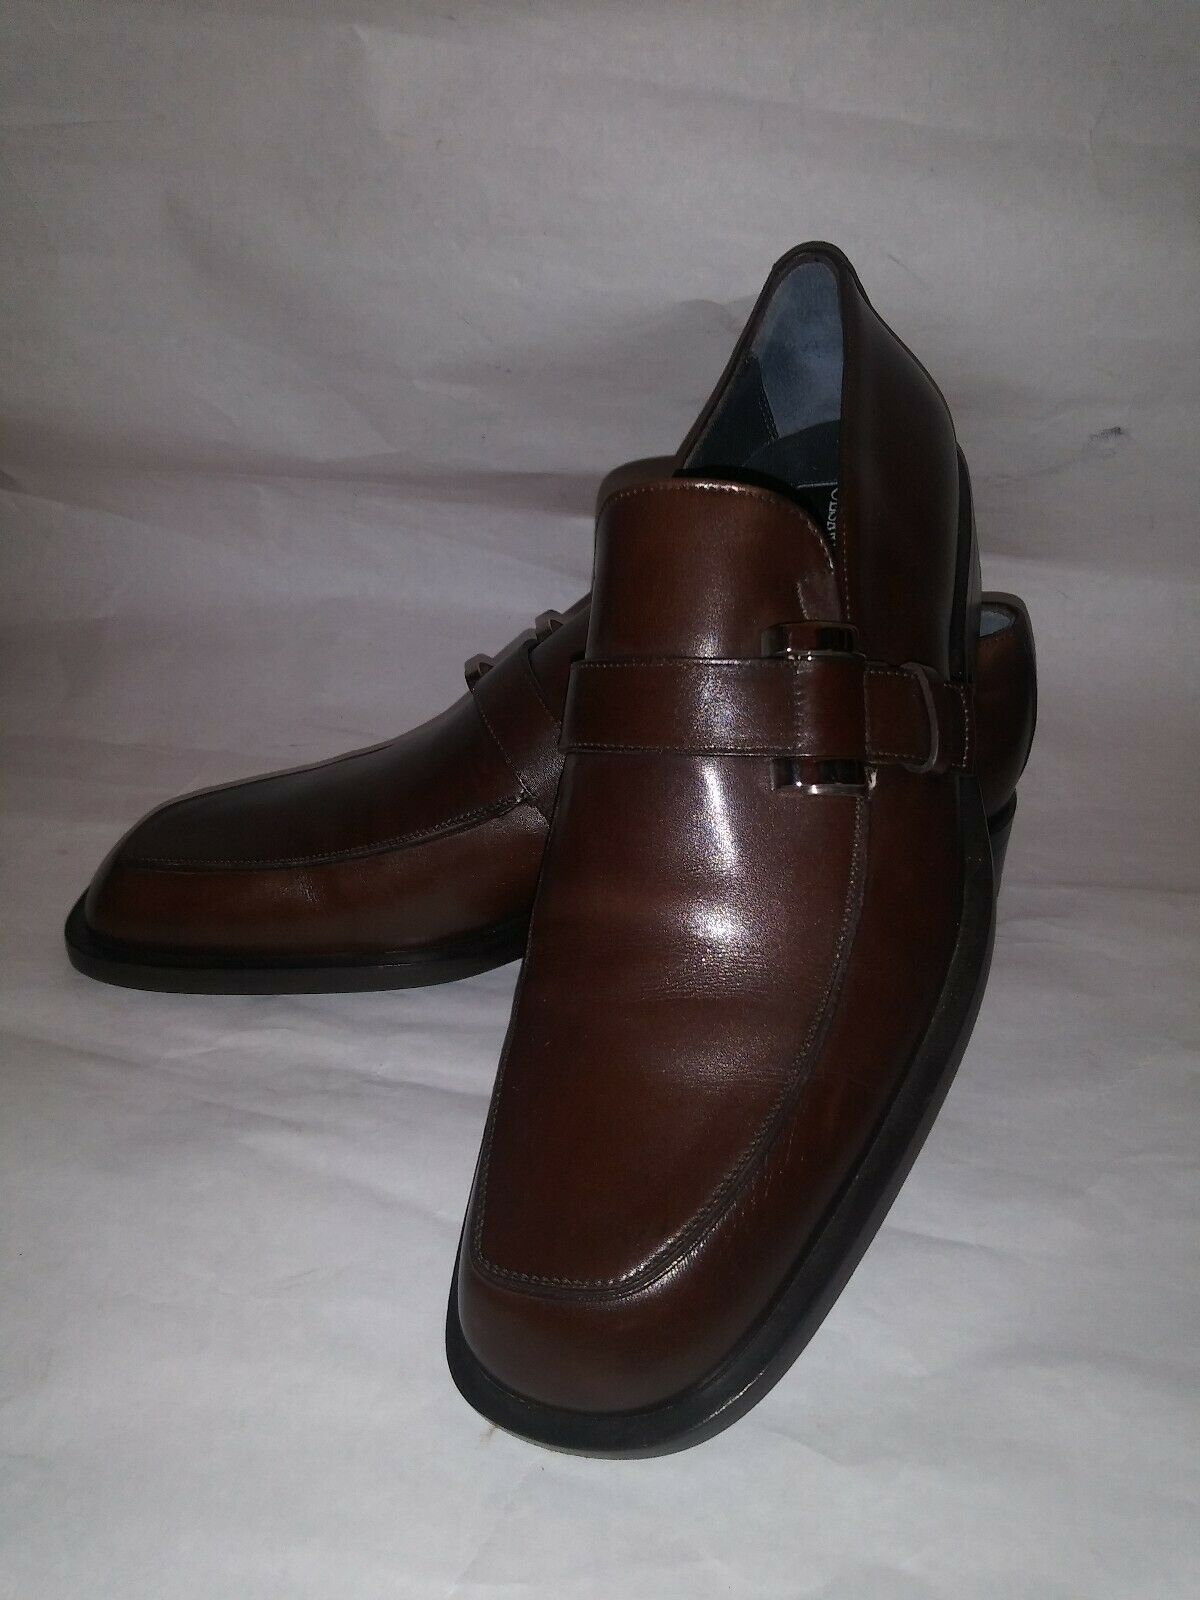 Cesare  Paciotti Marronee Leather scarpe Dimensione 7 made in  (new)  edizione limitata